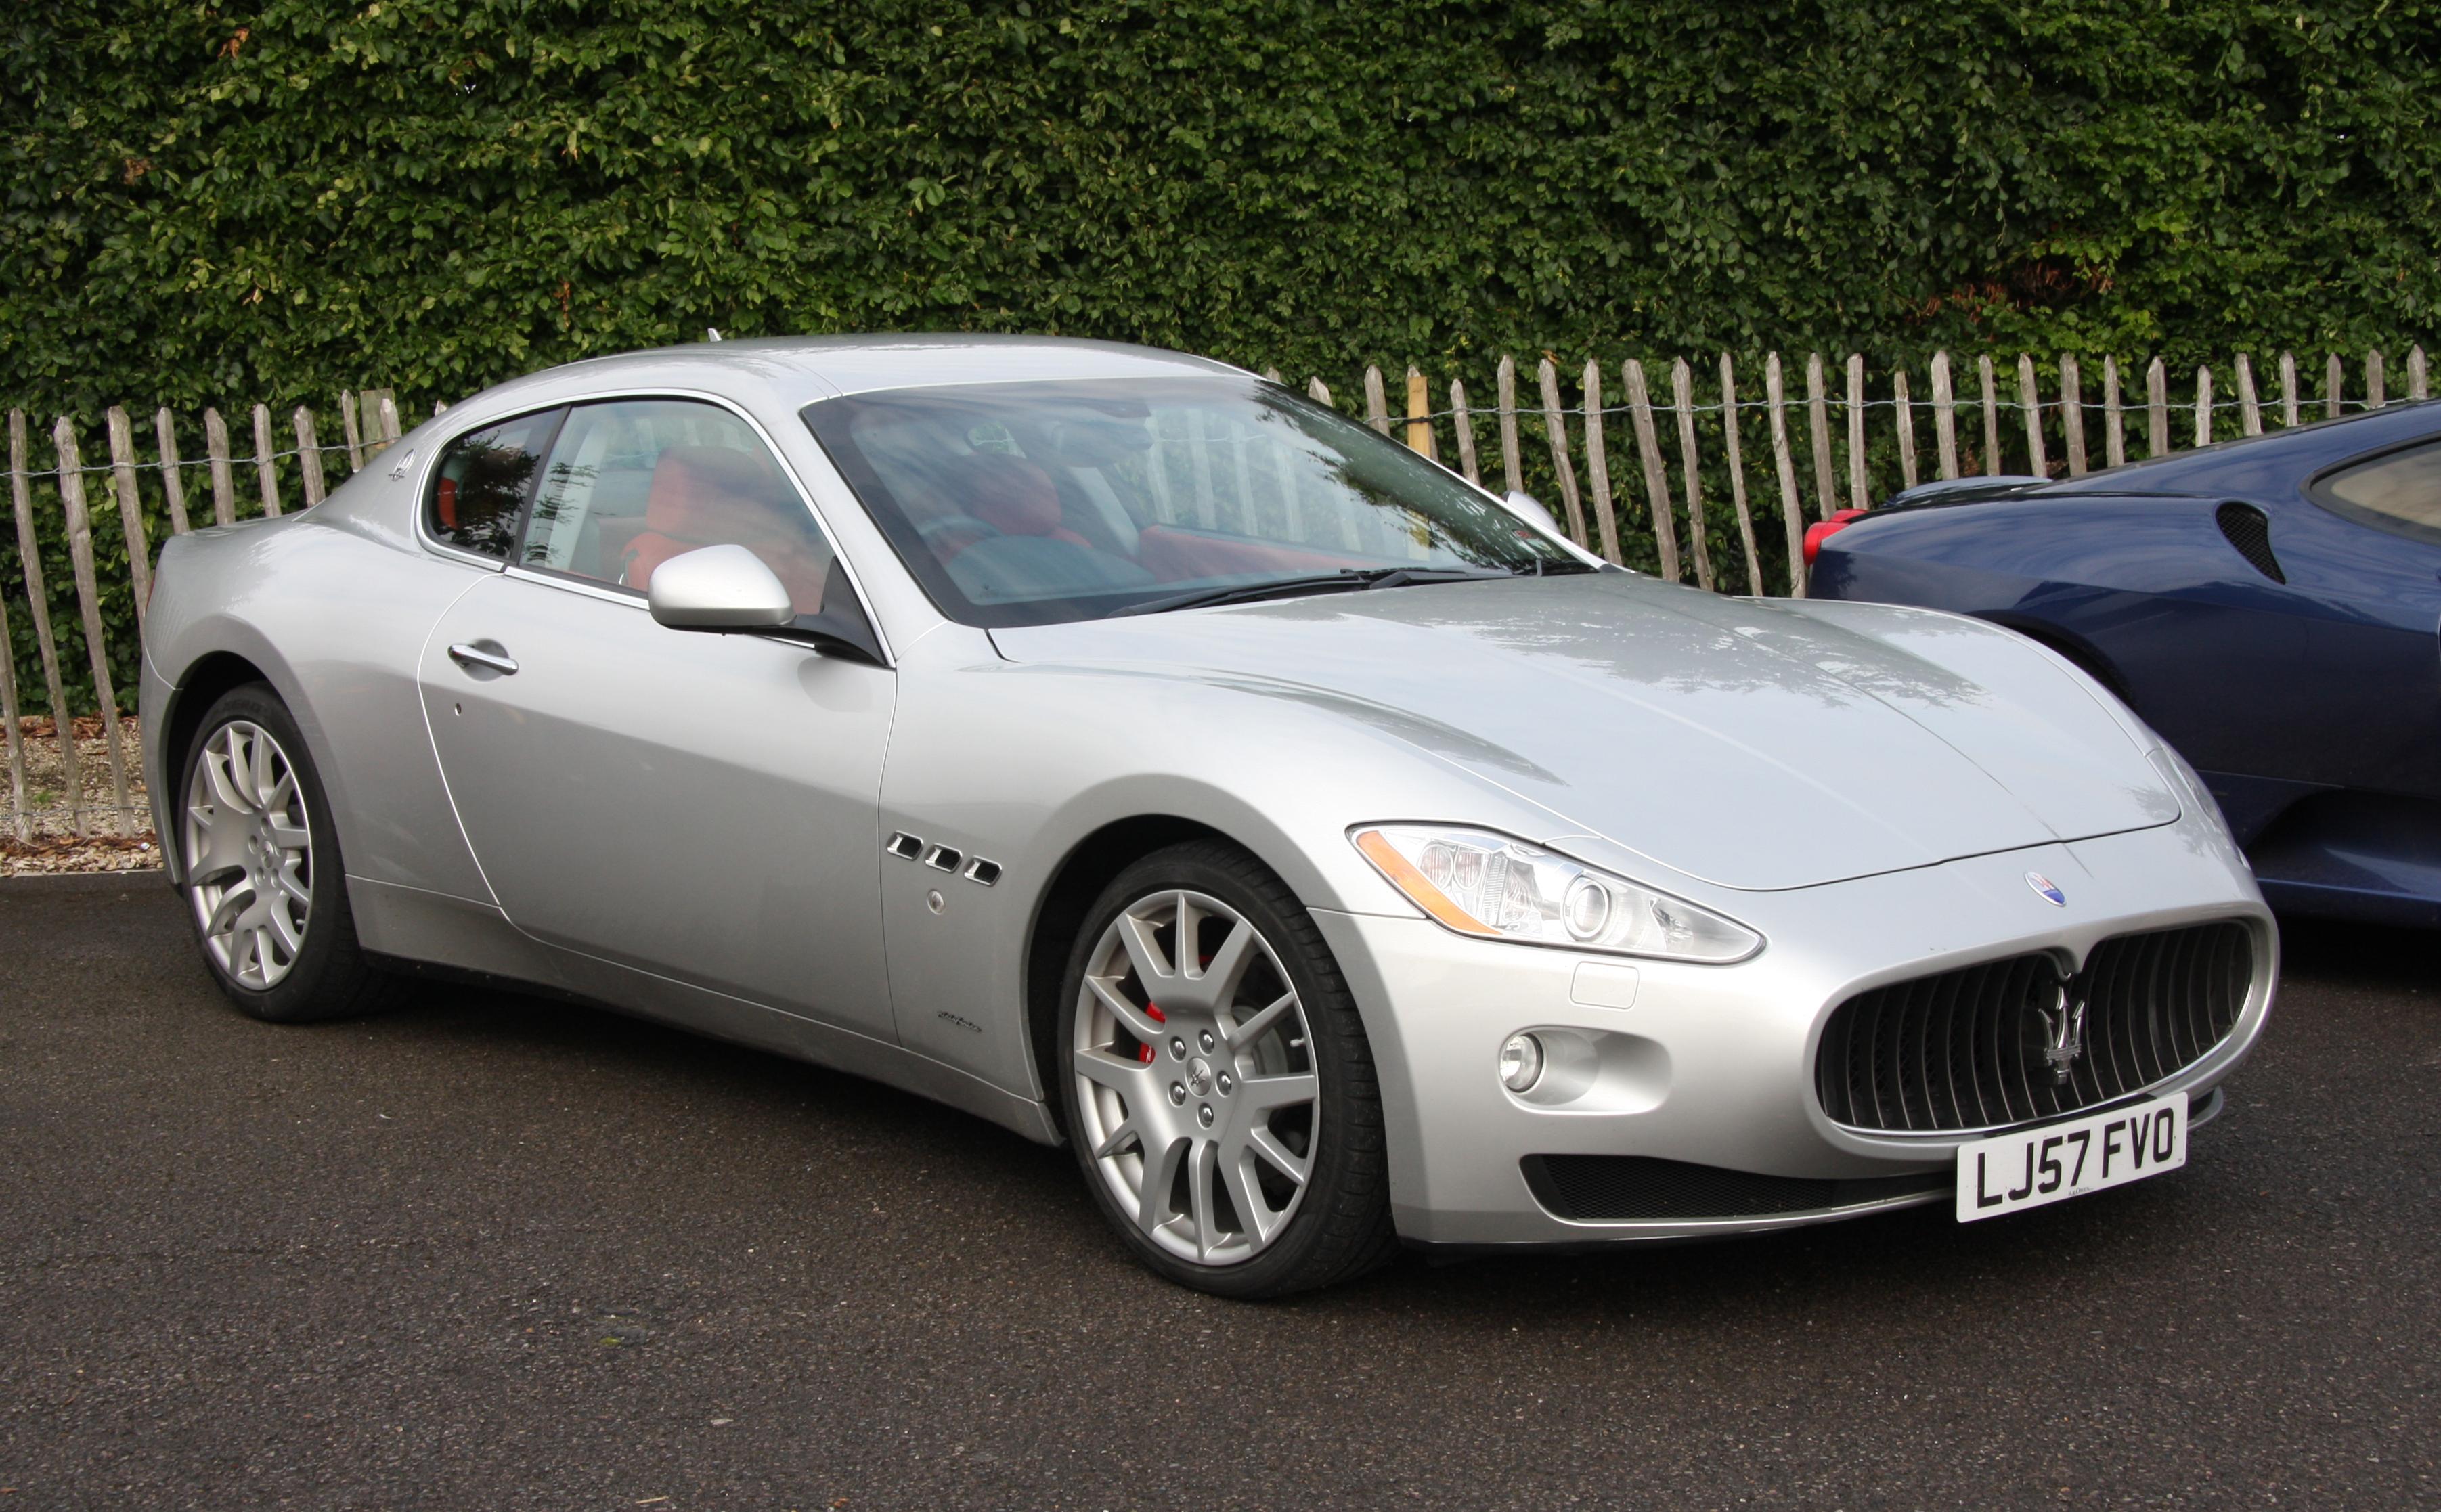 Maserati Granturismo Wikipedia